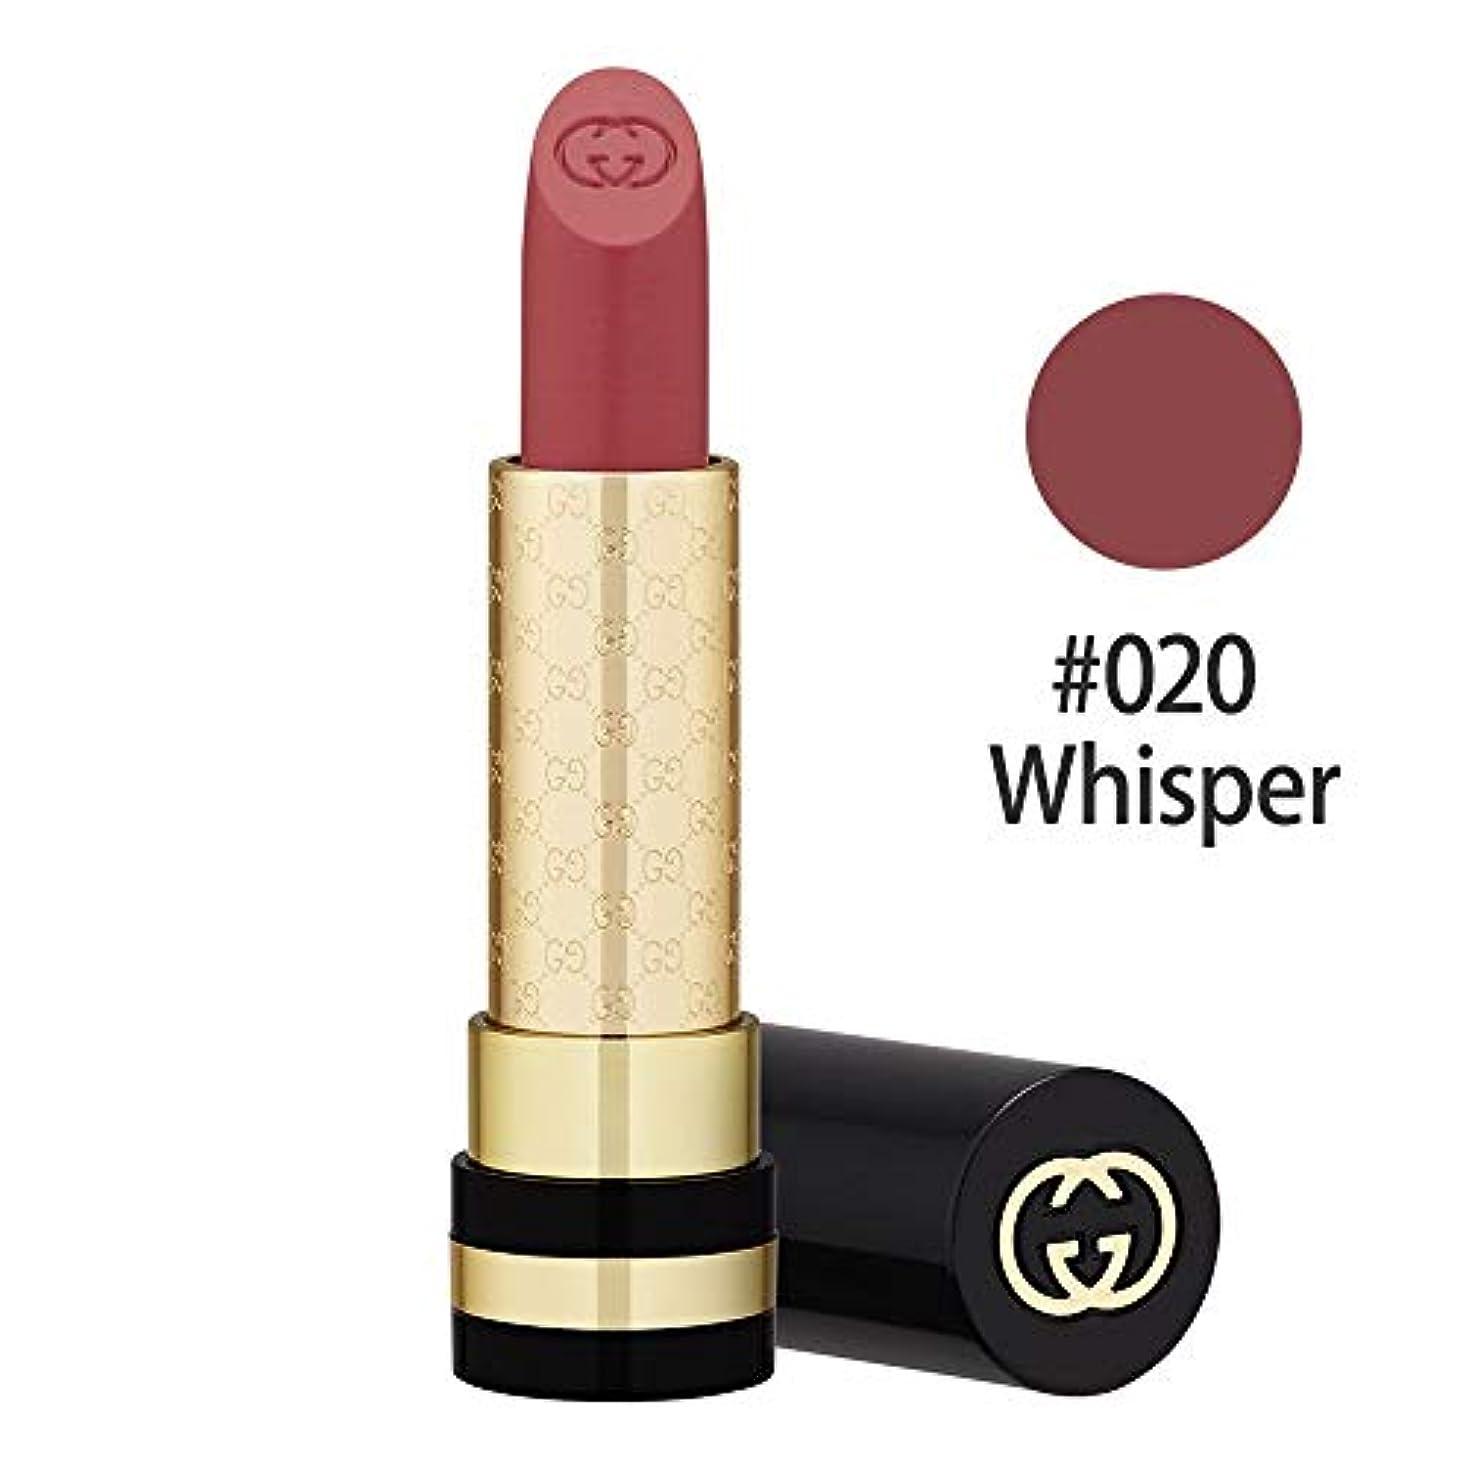 Gucci オーデイシャスカラーインテンスリップスティック #020 WHISPER 3.5g [839493] [並行輸入品]